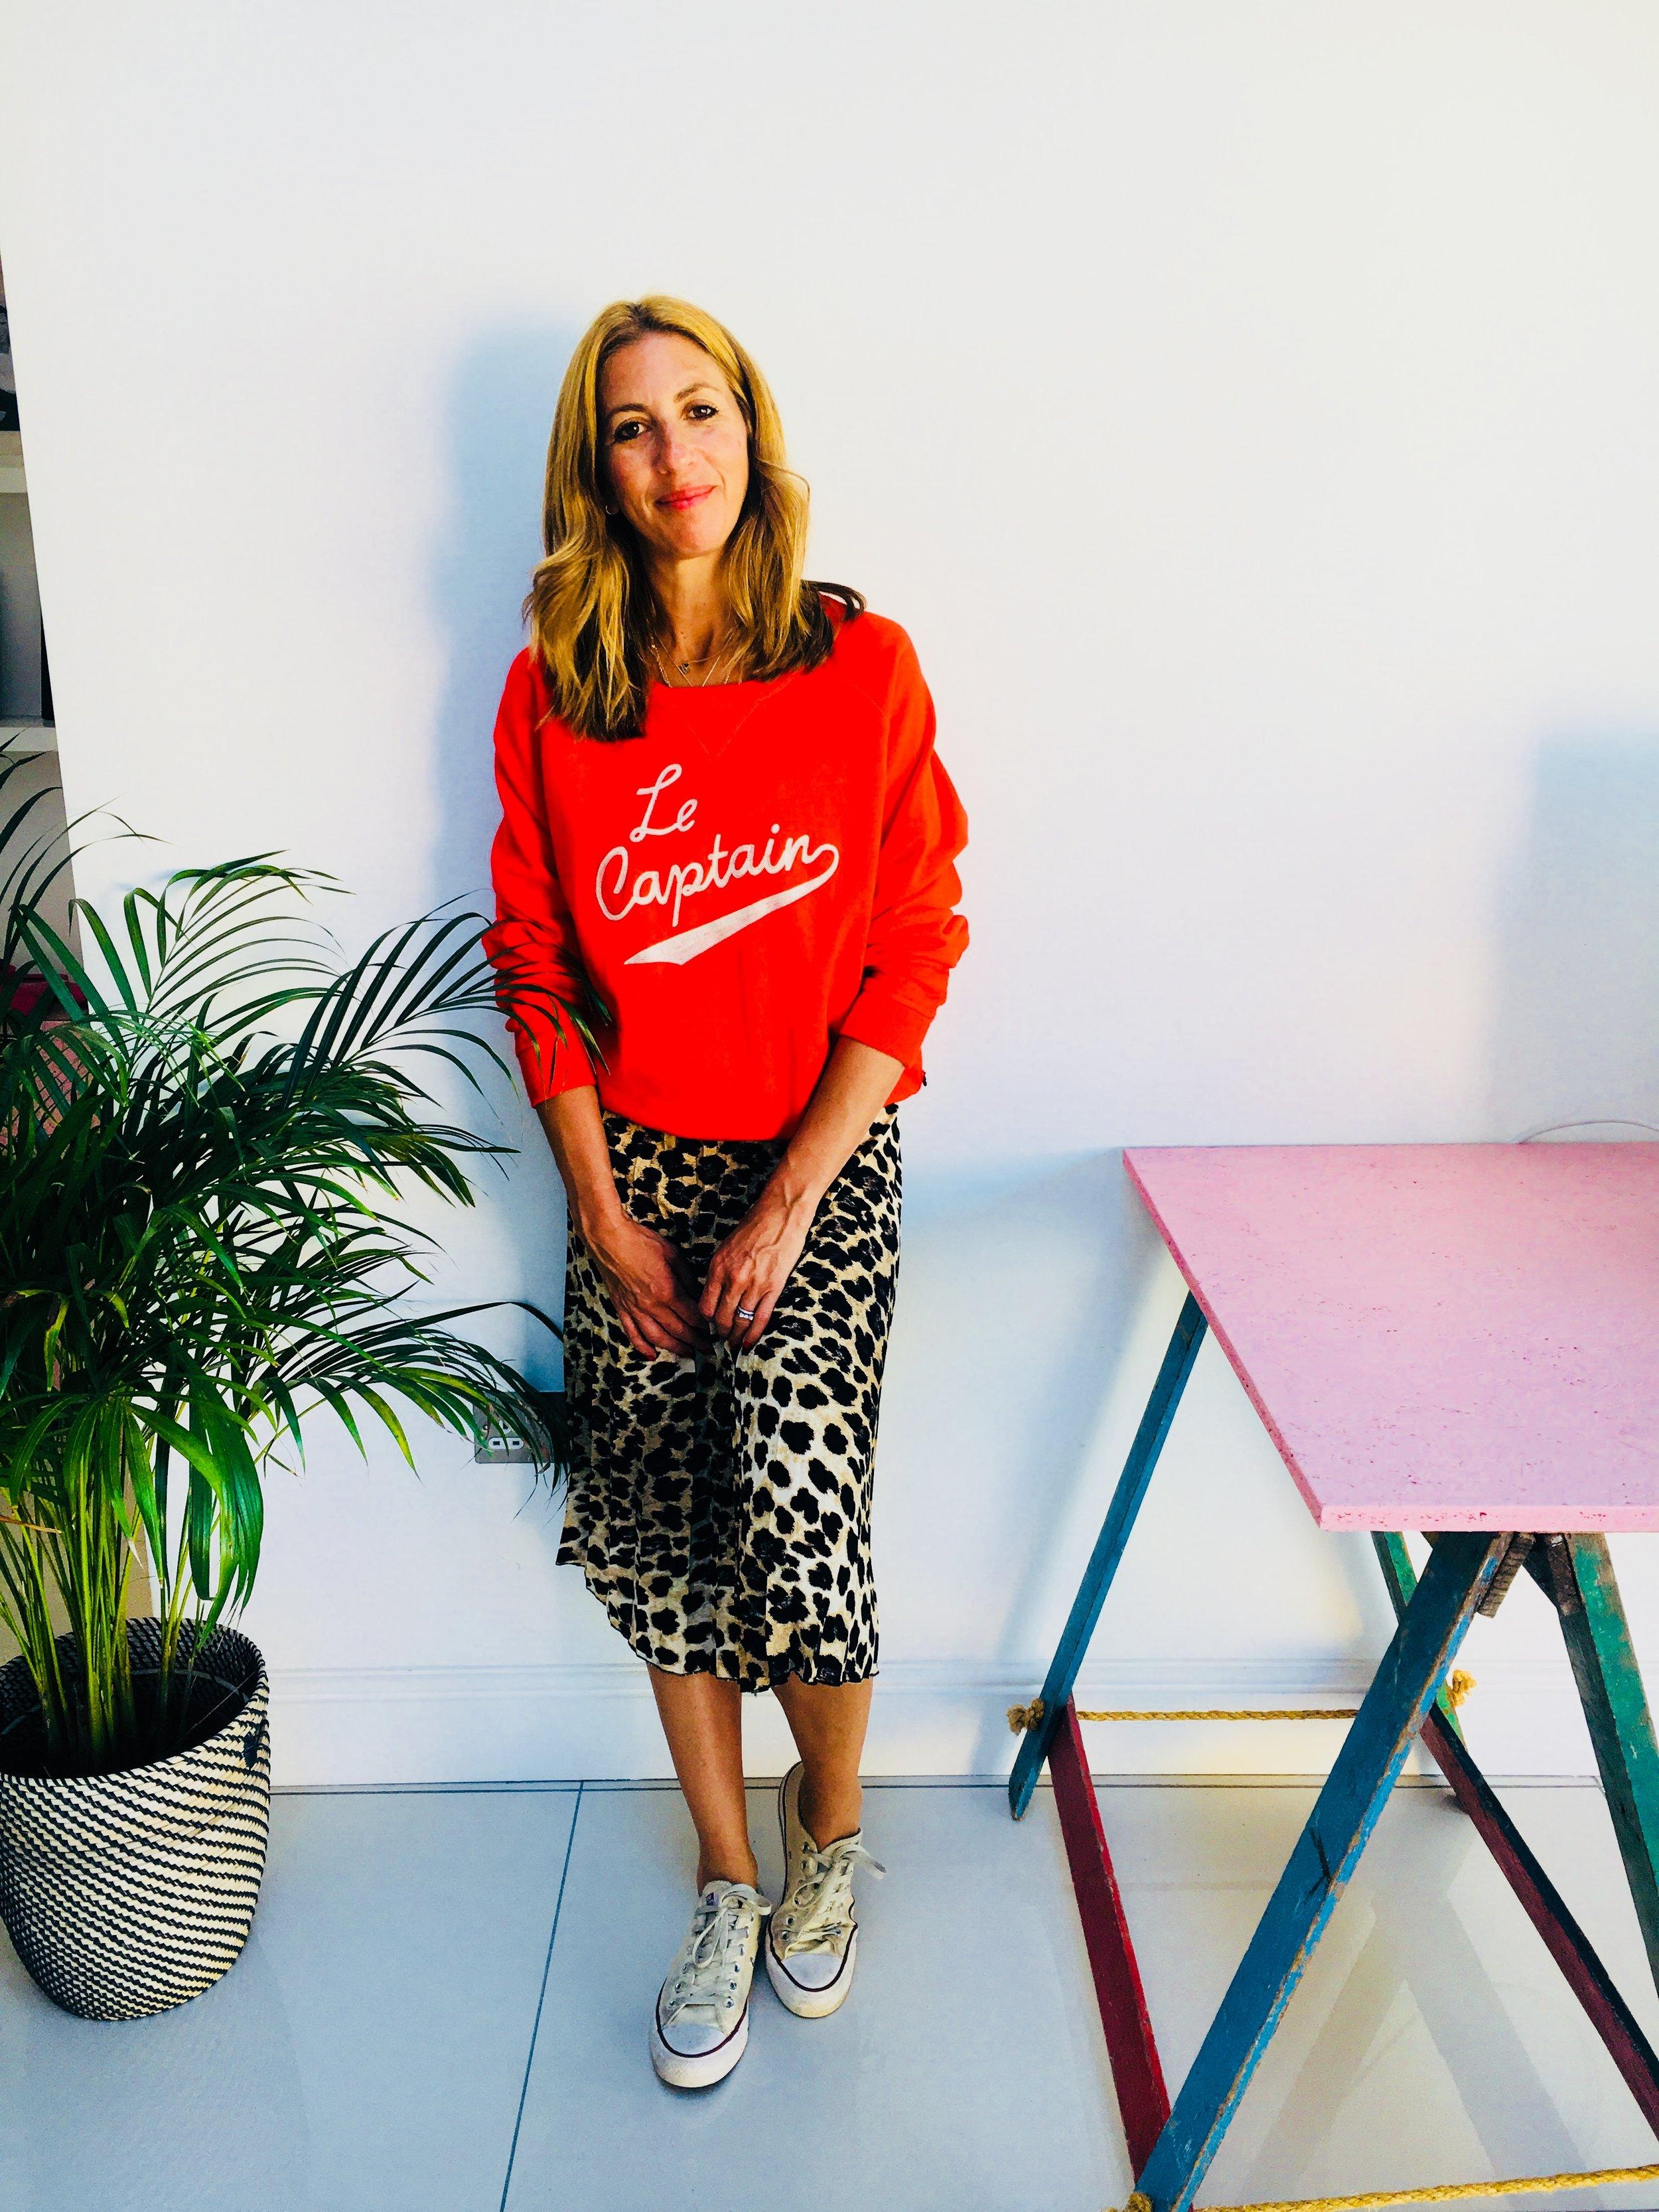 Sweater:  Scotch and soda  at Amazon